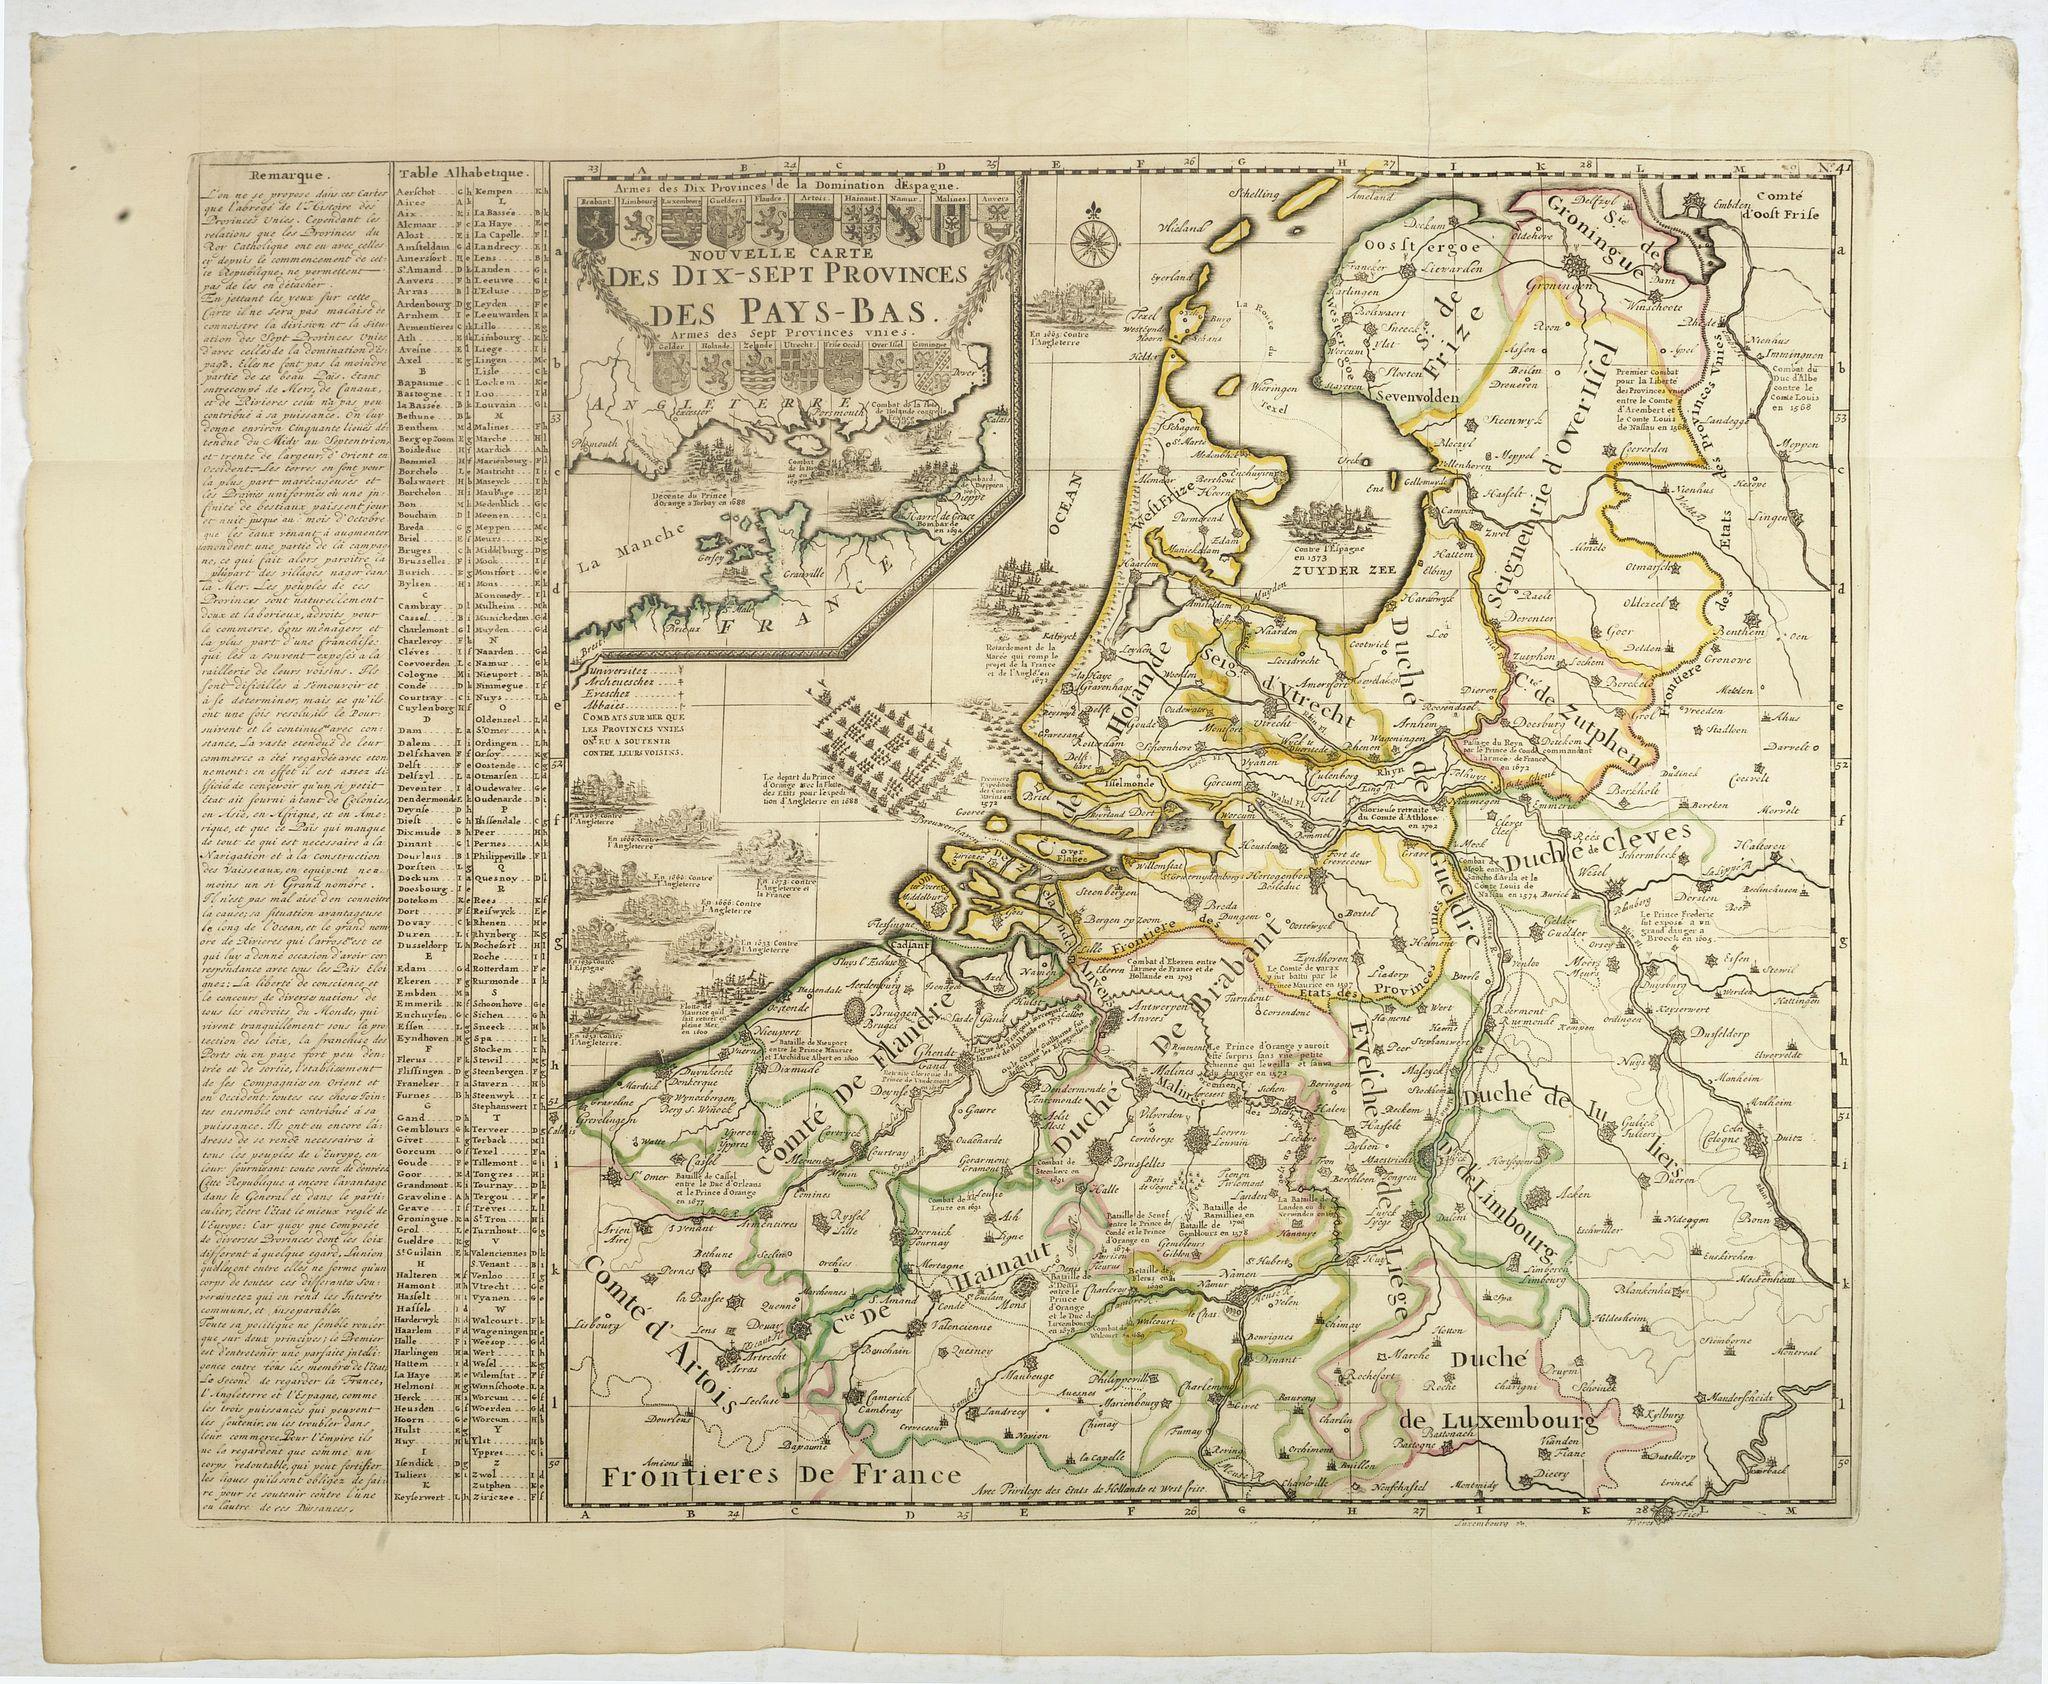 CHATELAIN, H. -  Nouvelle Carte des dix-sept Provinces des Pays-Bas.